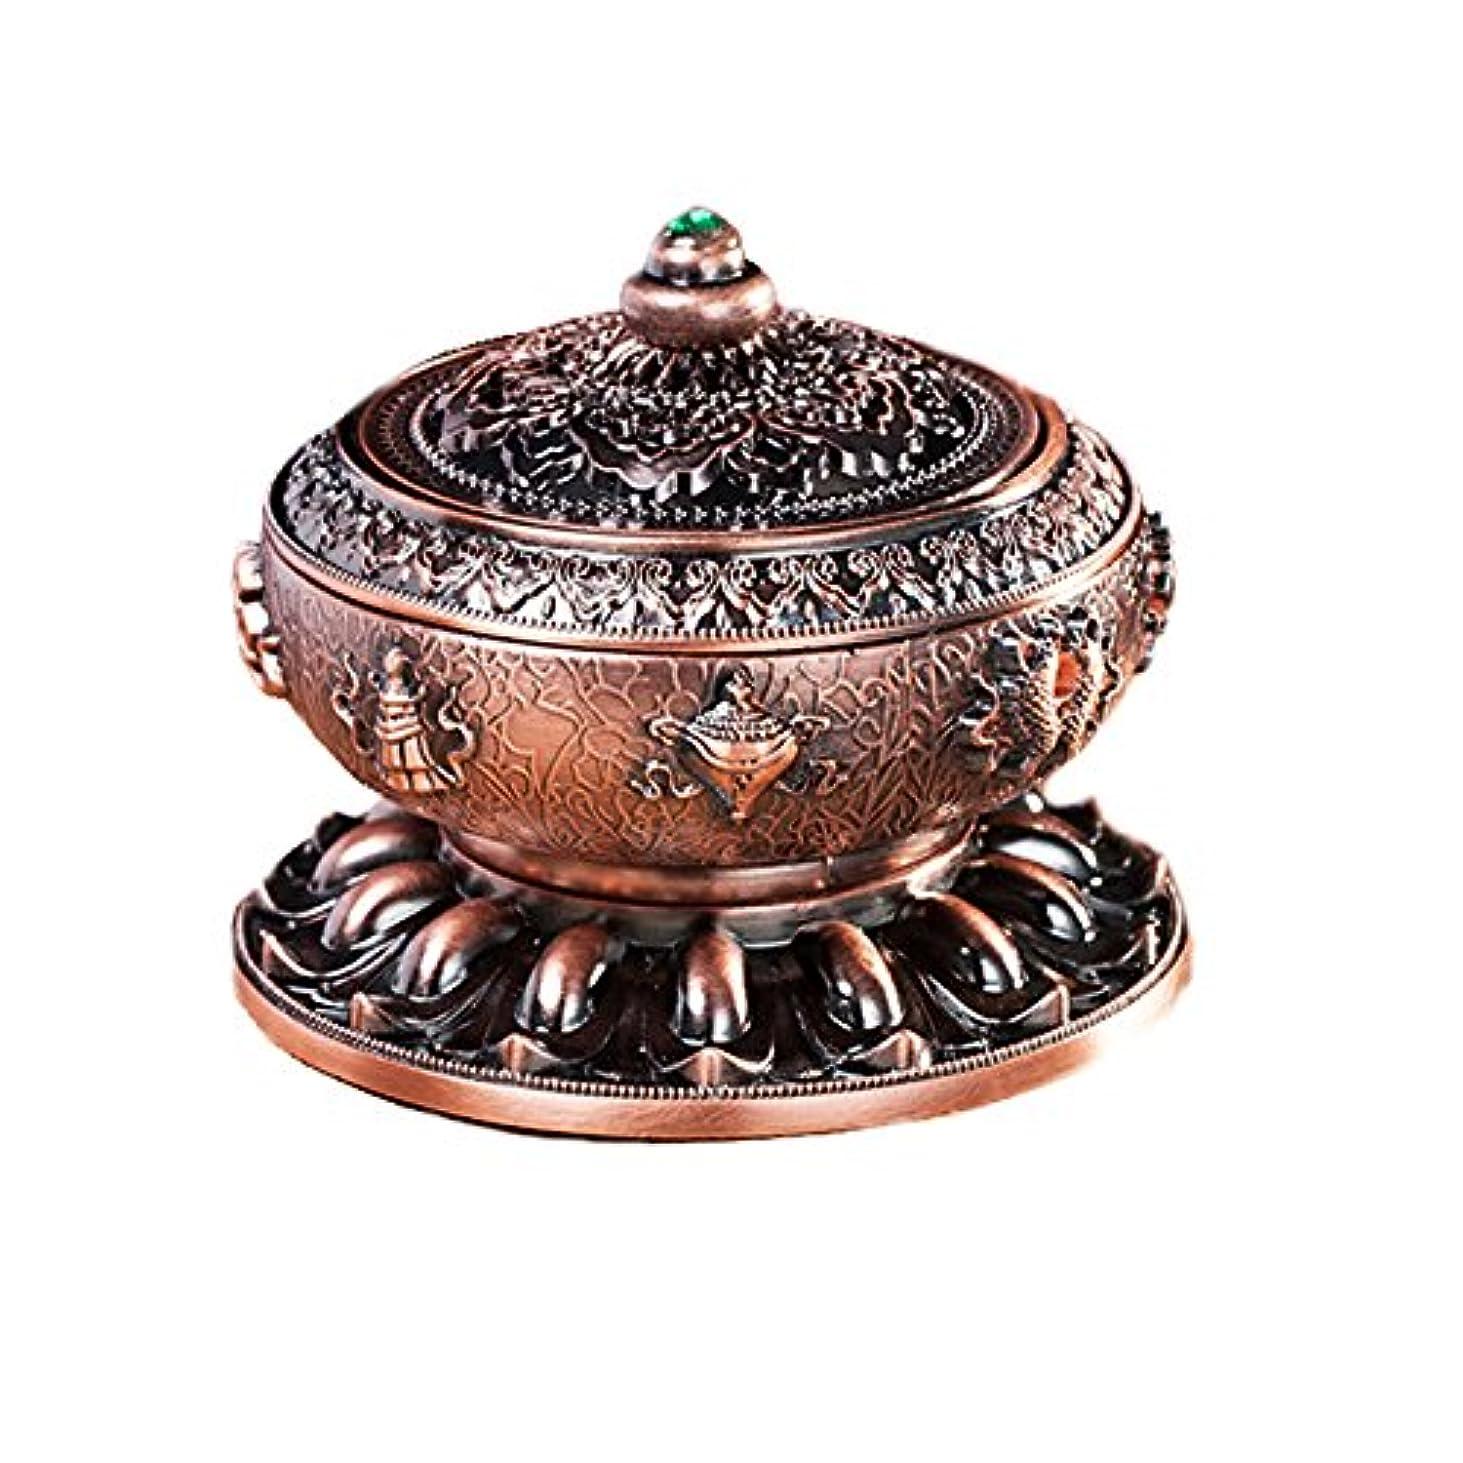 同じロマンチック困難BUYSEEY 香炉 青銅 ブロンズ 丸香炉 お香立て 渦巻き線香 などに 香立て付き アロマ(S)